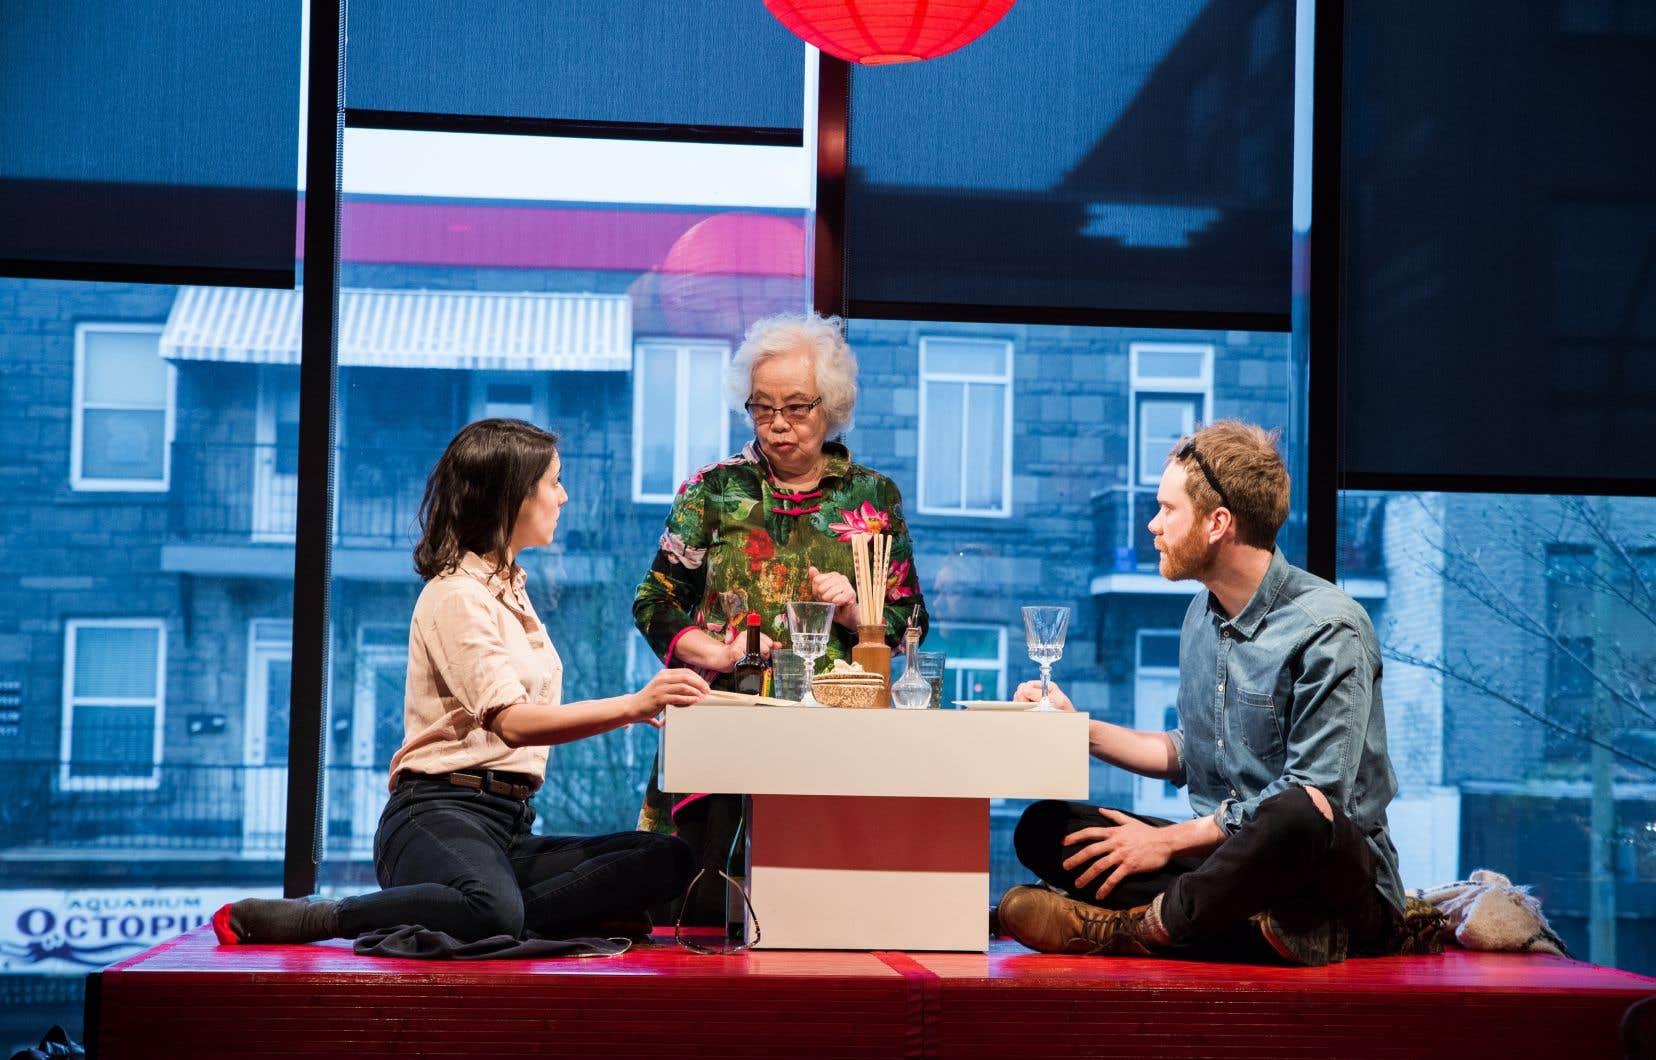 Le spectacle «L'amour est un dumpling», de Mathieu Quesnel, prévu chez Duceppe pour l'hiver 2021, tenait la semaine dernière sa première réunion de production. Un réalisateur et un directeur photo étaient invités à y prendre part.